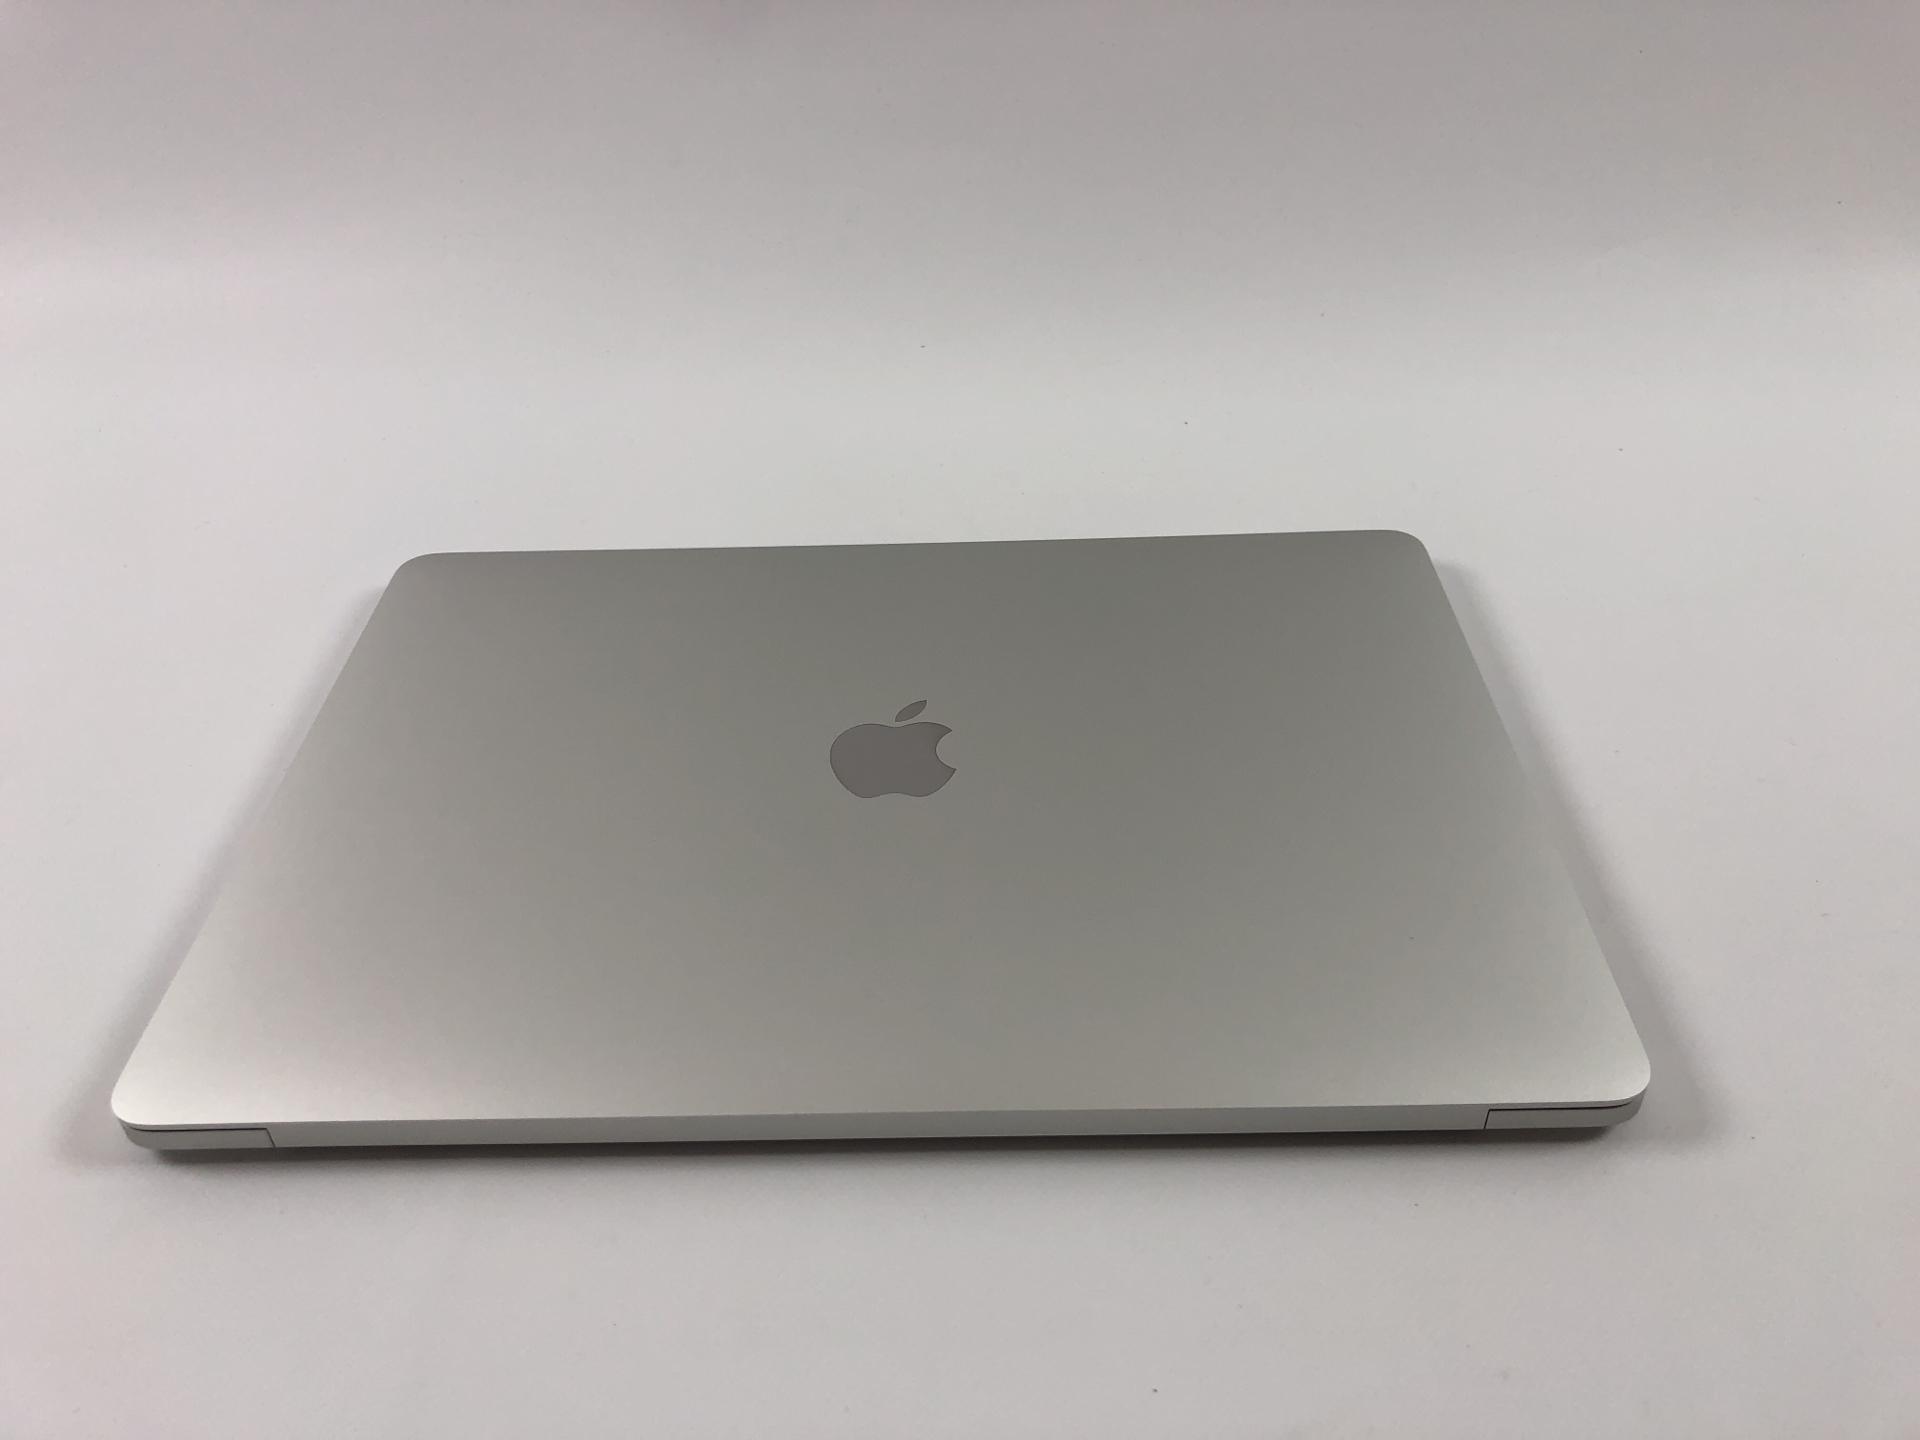 """MacBook Pro 13"""" 4TBT Mid 2017 (Intel Core i5 3.1 GHz 8 GB RAM 512 GB SSD), Silver, Intel Core i5 3.1 GHz, 8 GB RAM, 512 GB SSD, bild 2"""